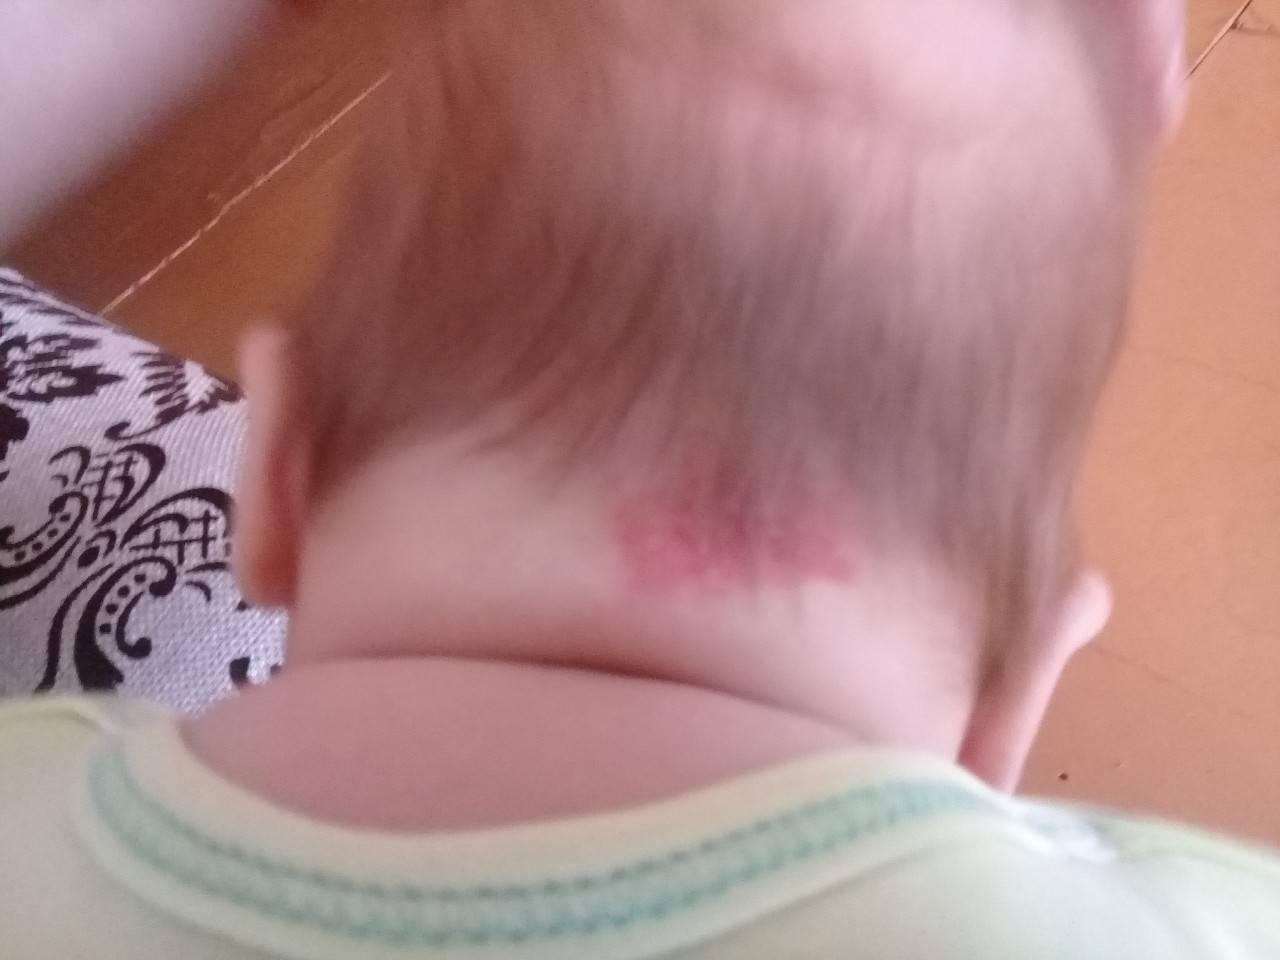 Красные родимые пятна у новорождённых: на голове, лице, спине и животе